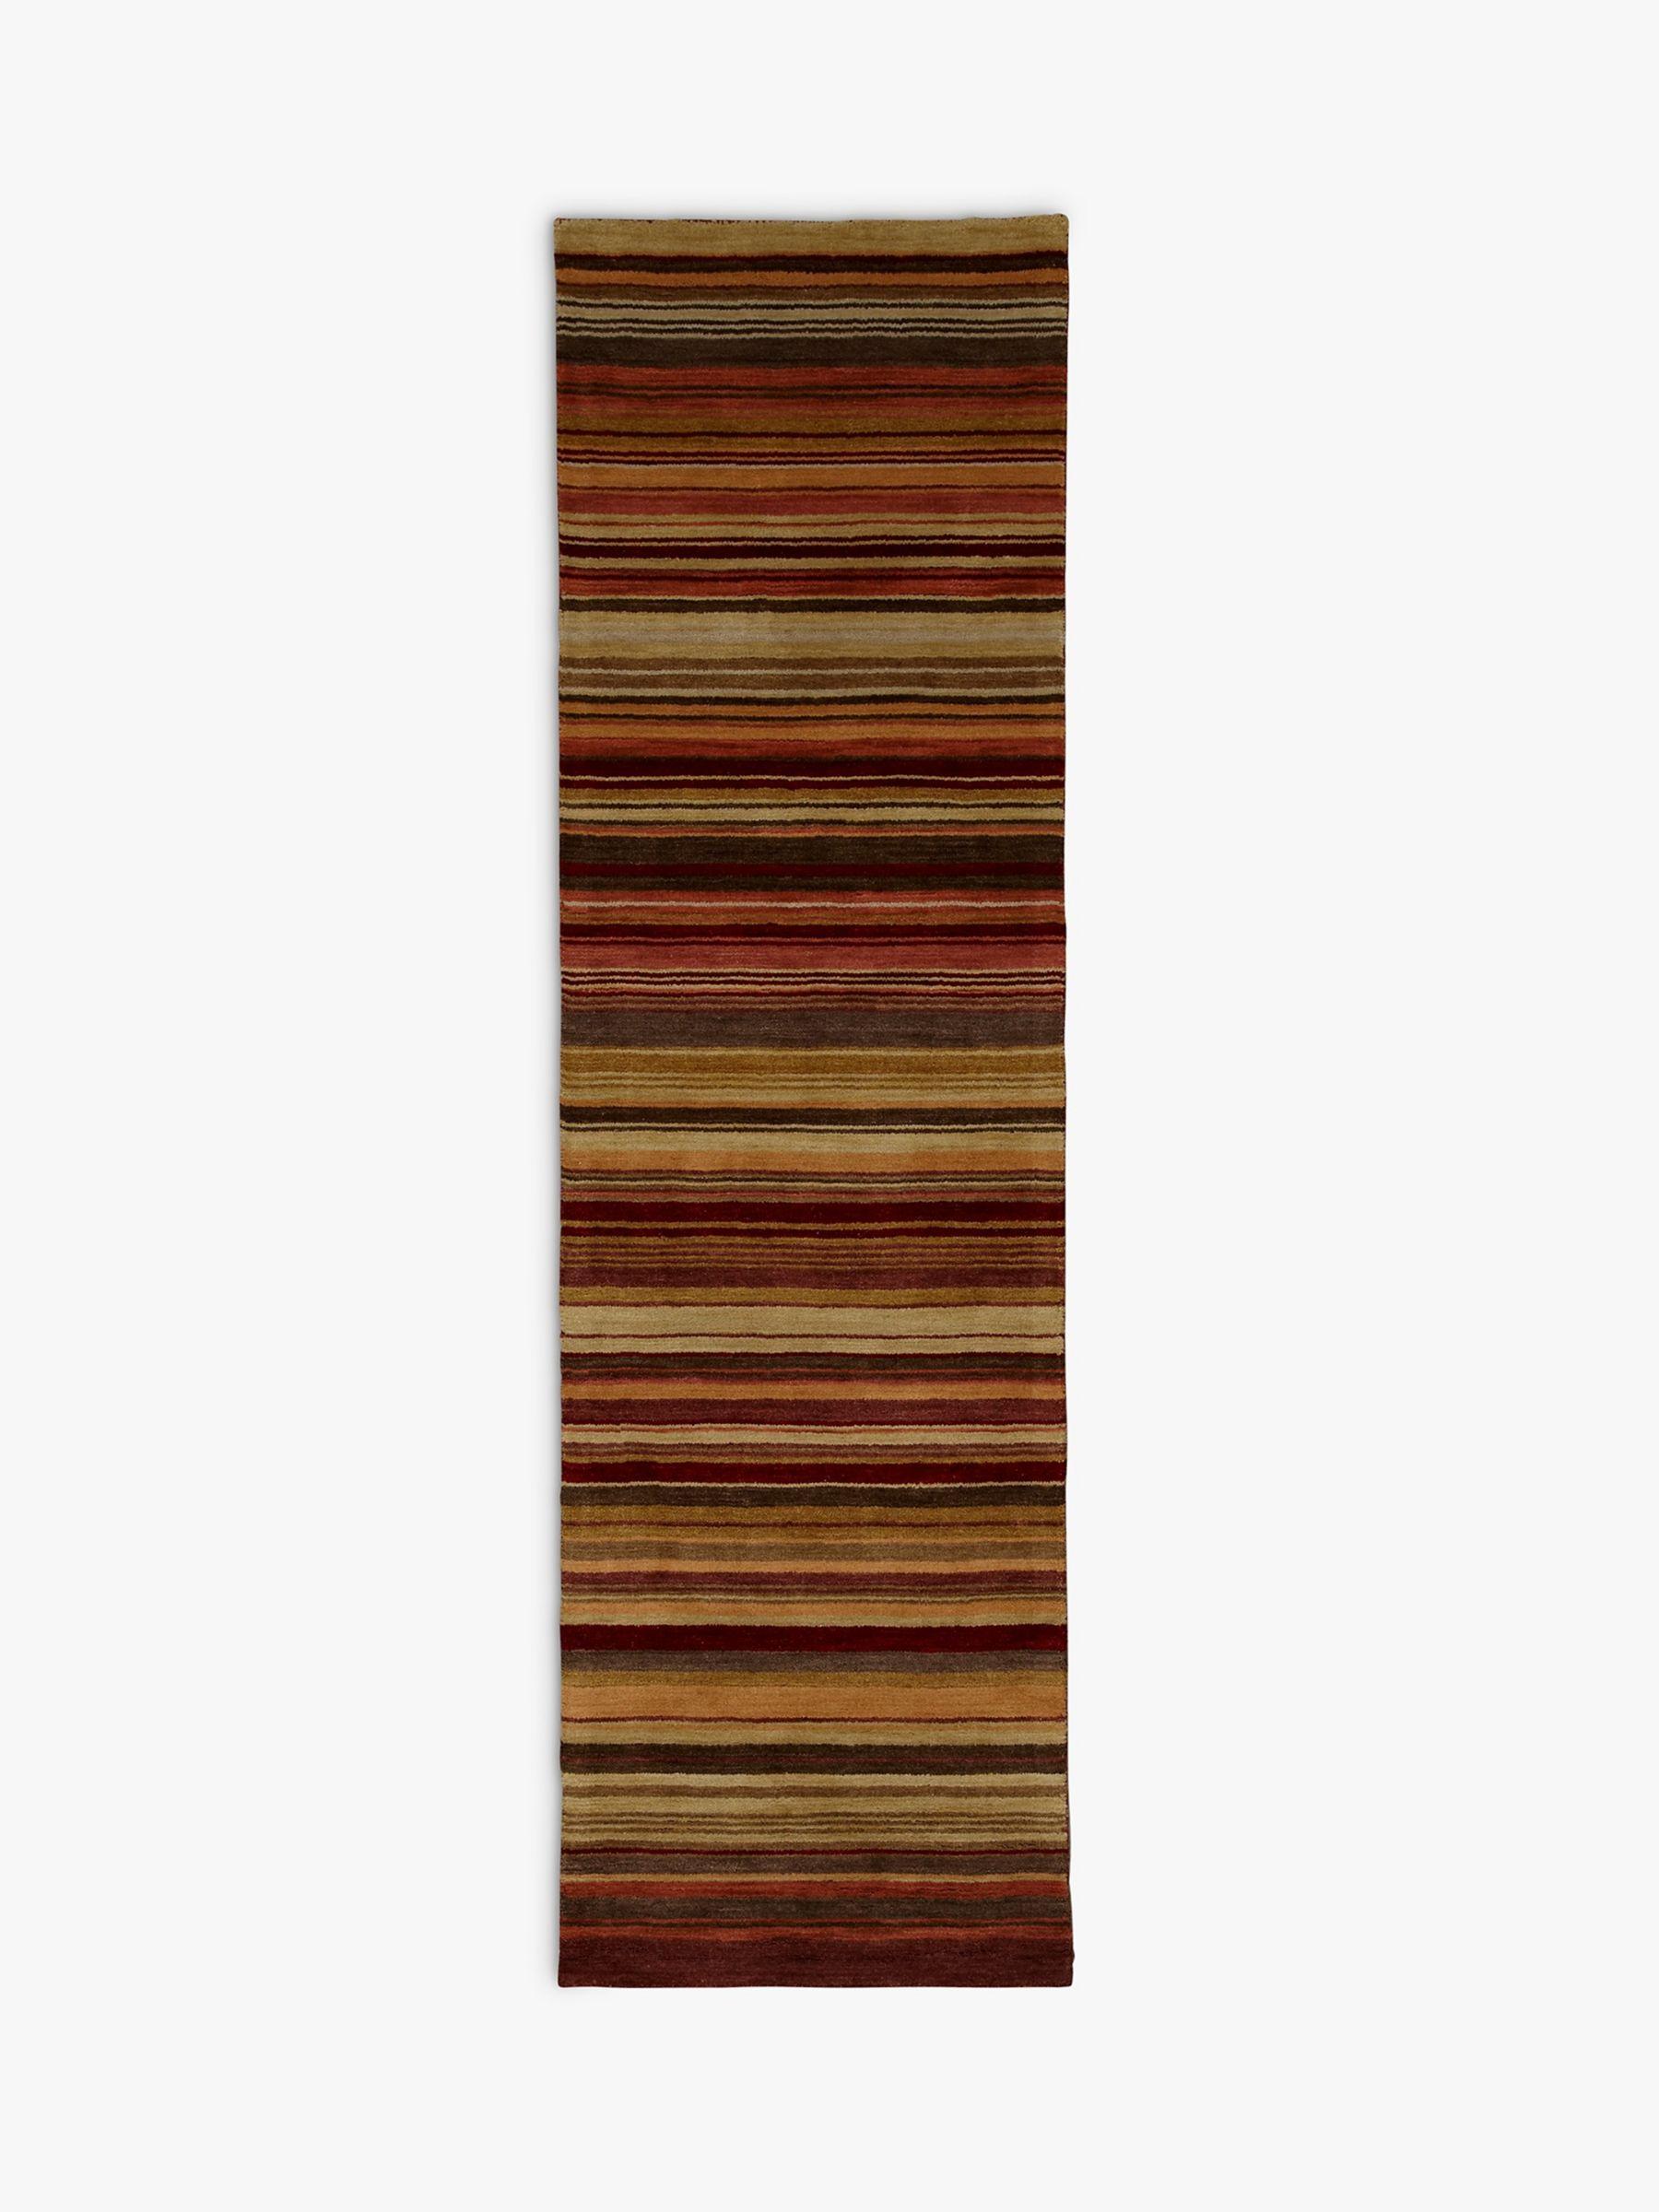 John Lewis & Partners Multi Stripe Runner Rug, Harvest, L240 x W70cm